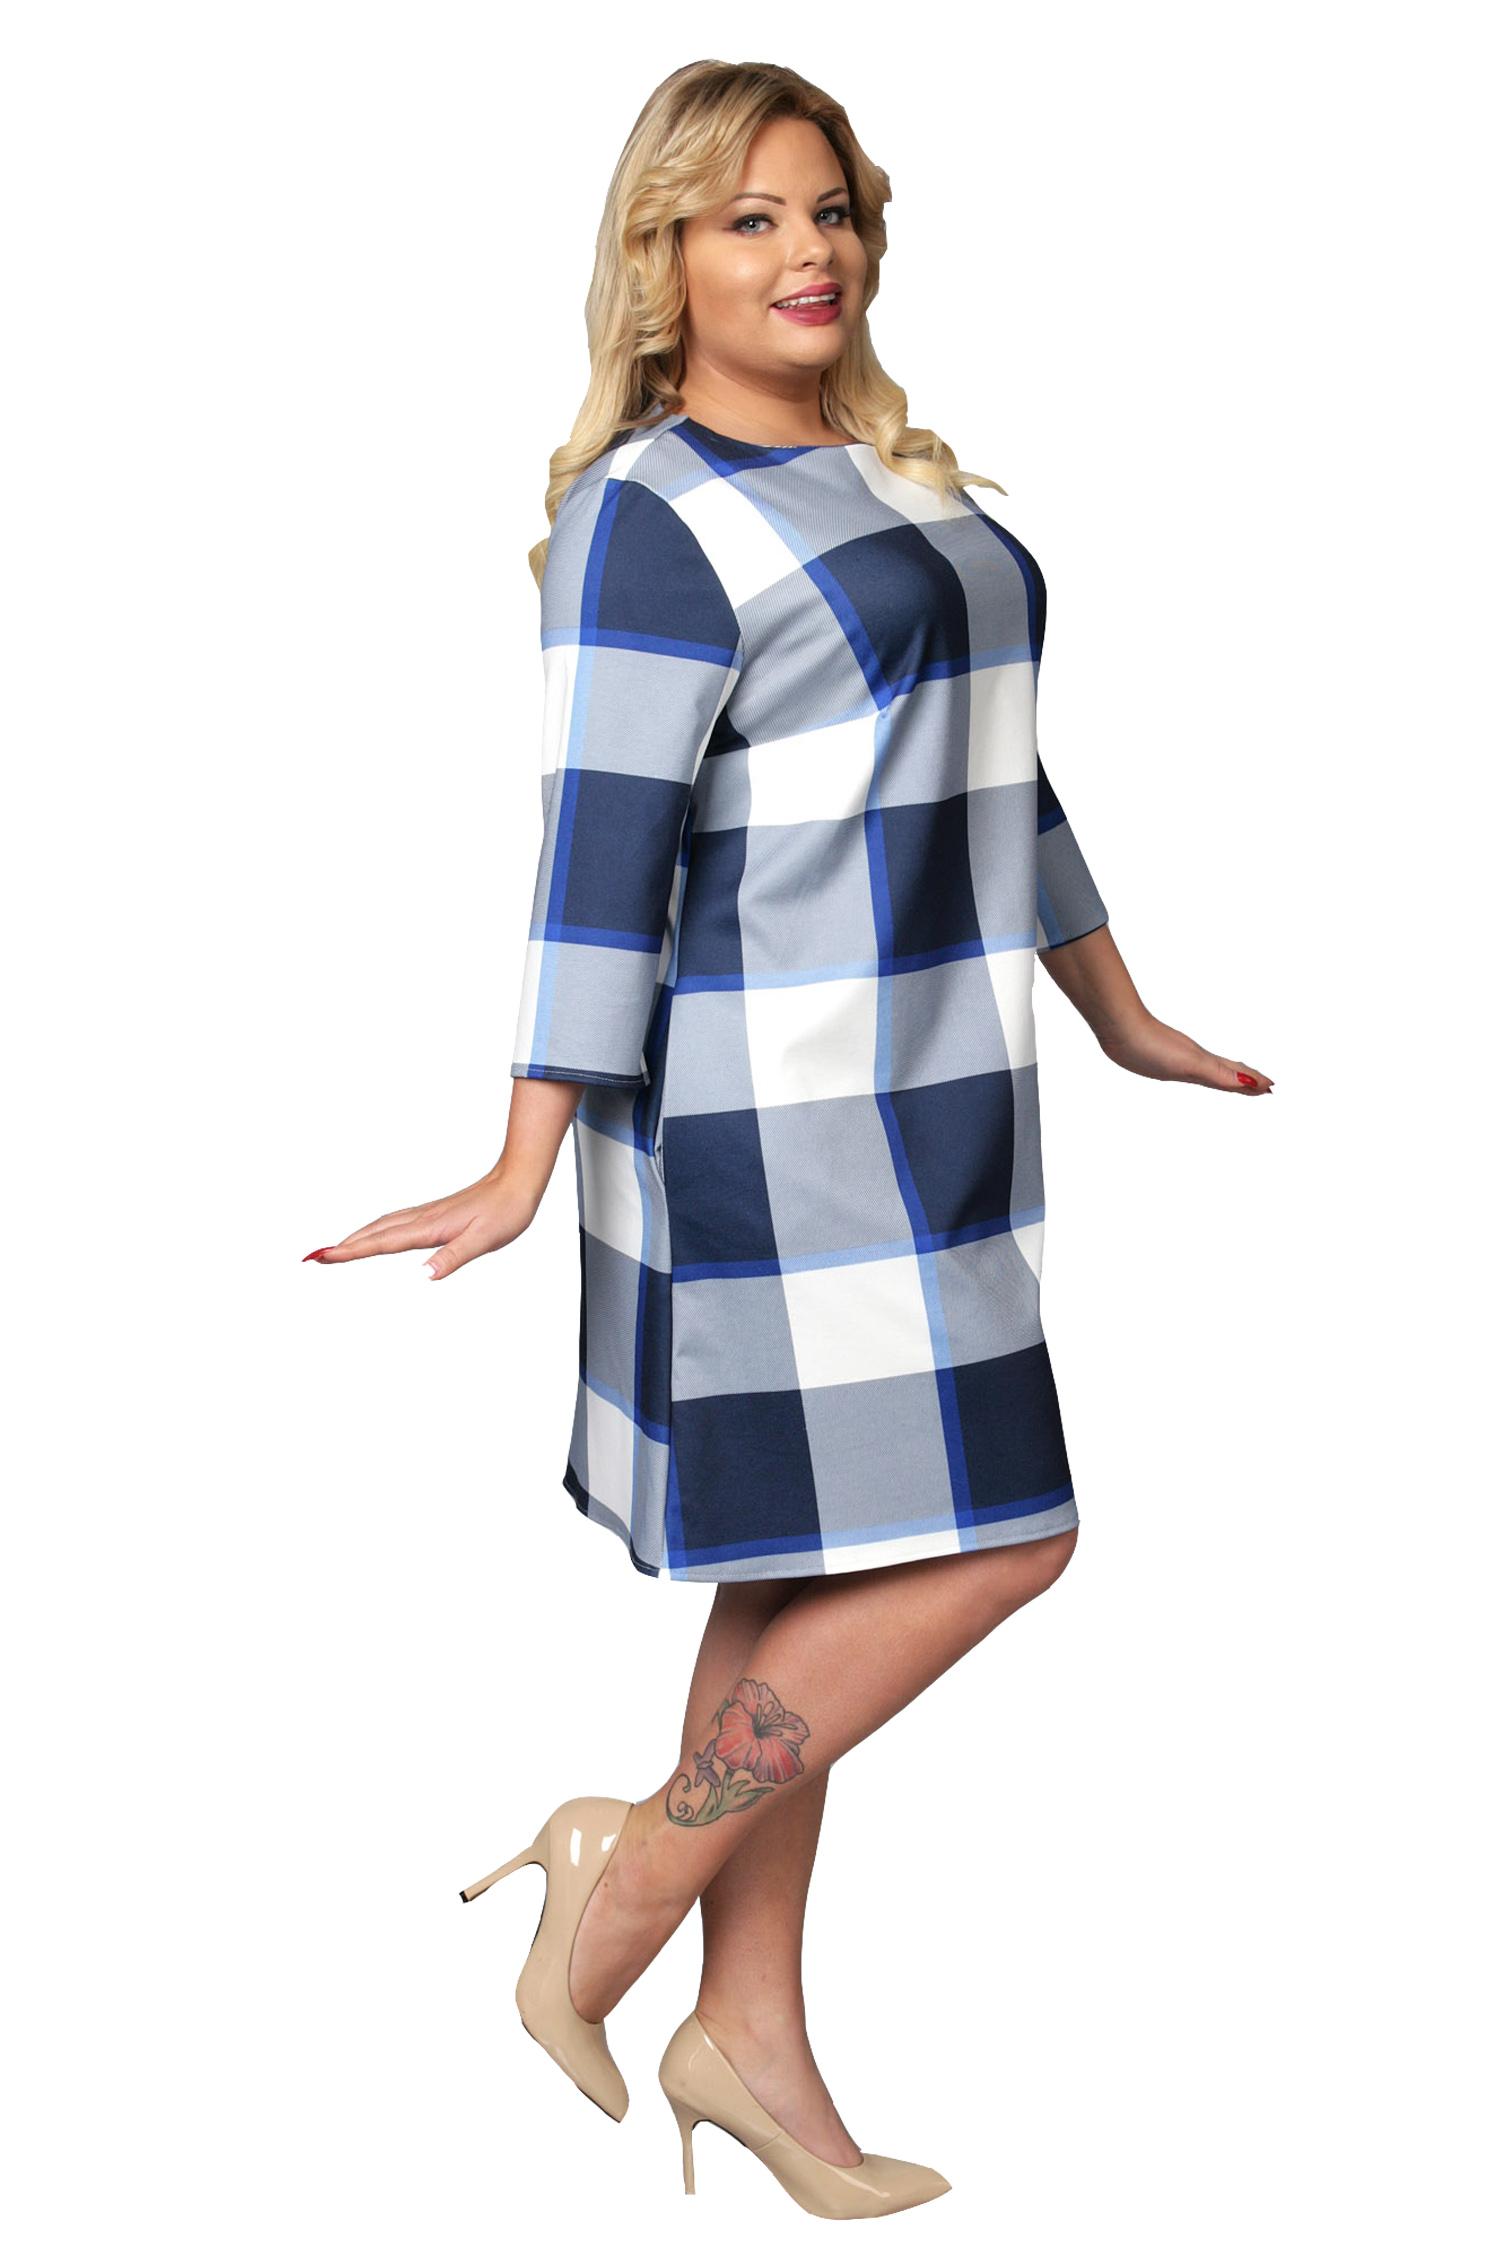 9537af55cb sukienka chaber w Oficjalnym Archiwum Allegro - Strona 103 - archiwum ofert